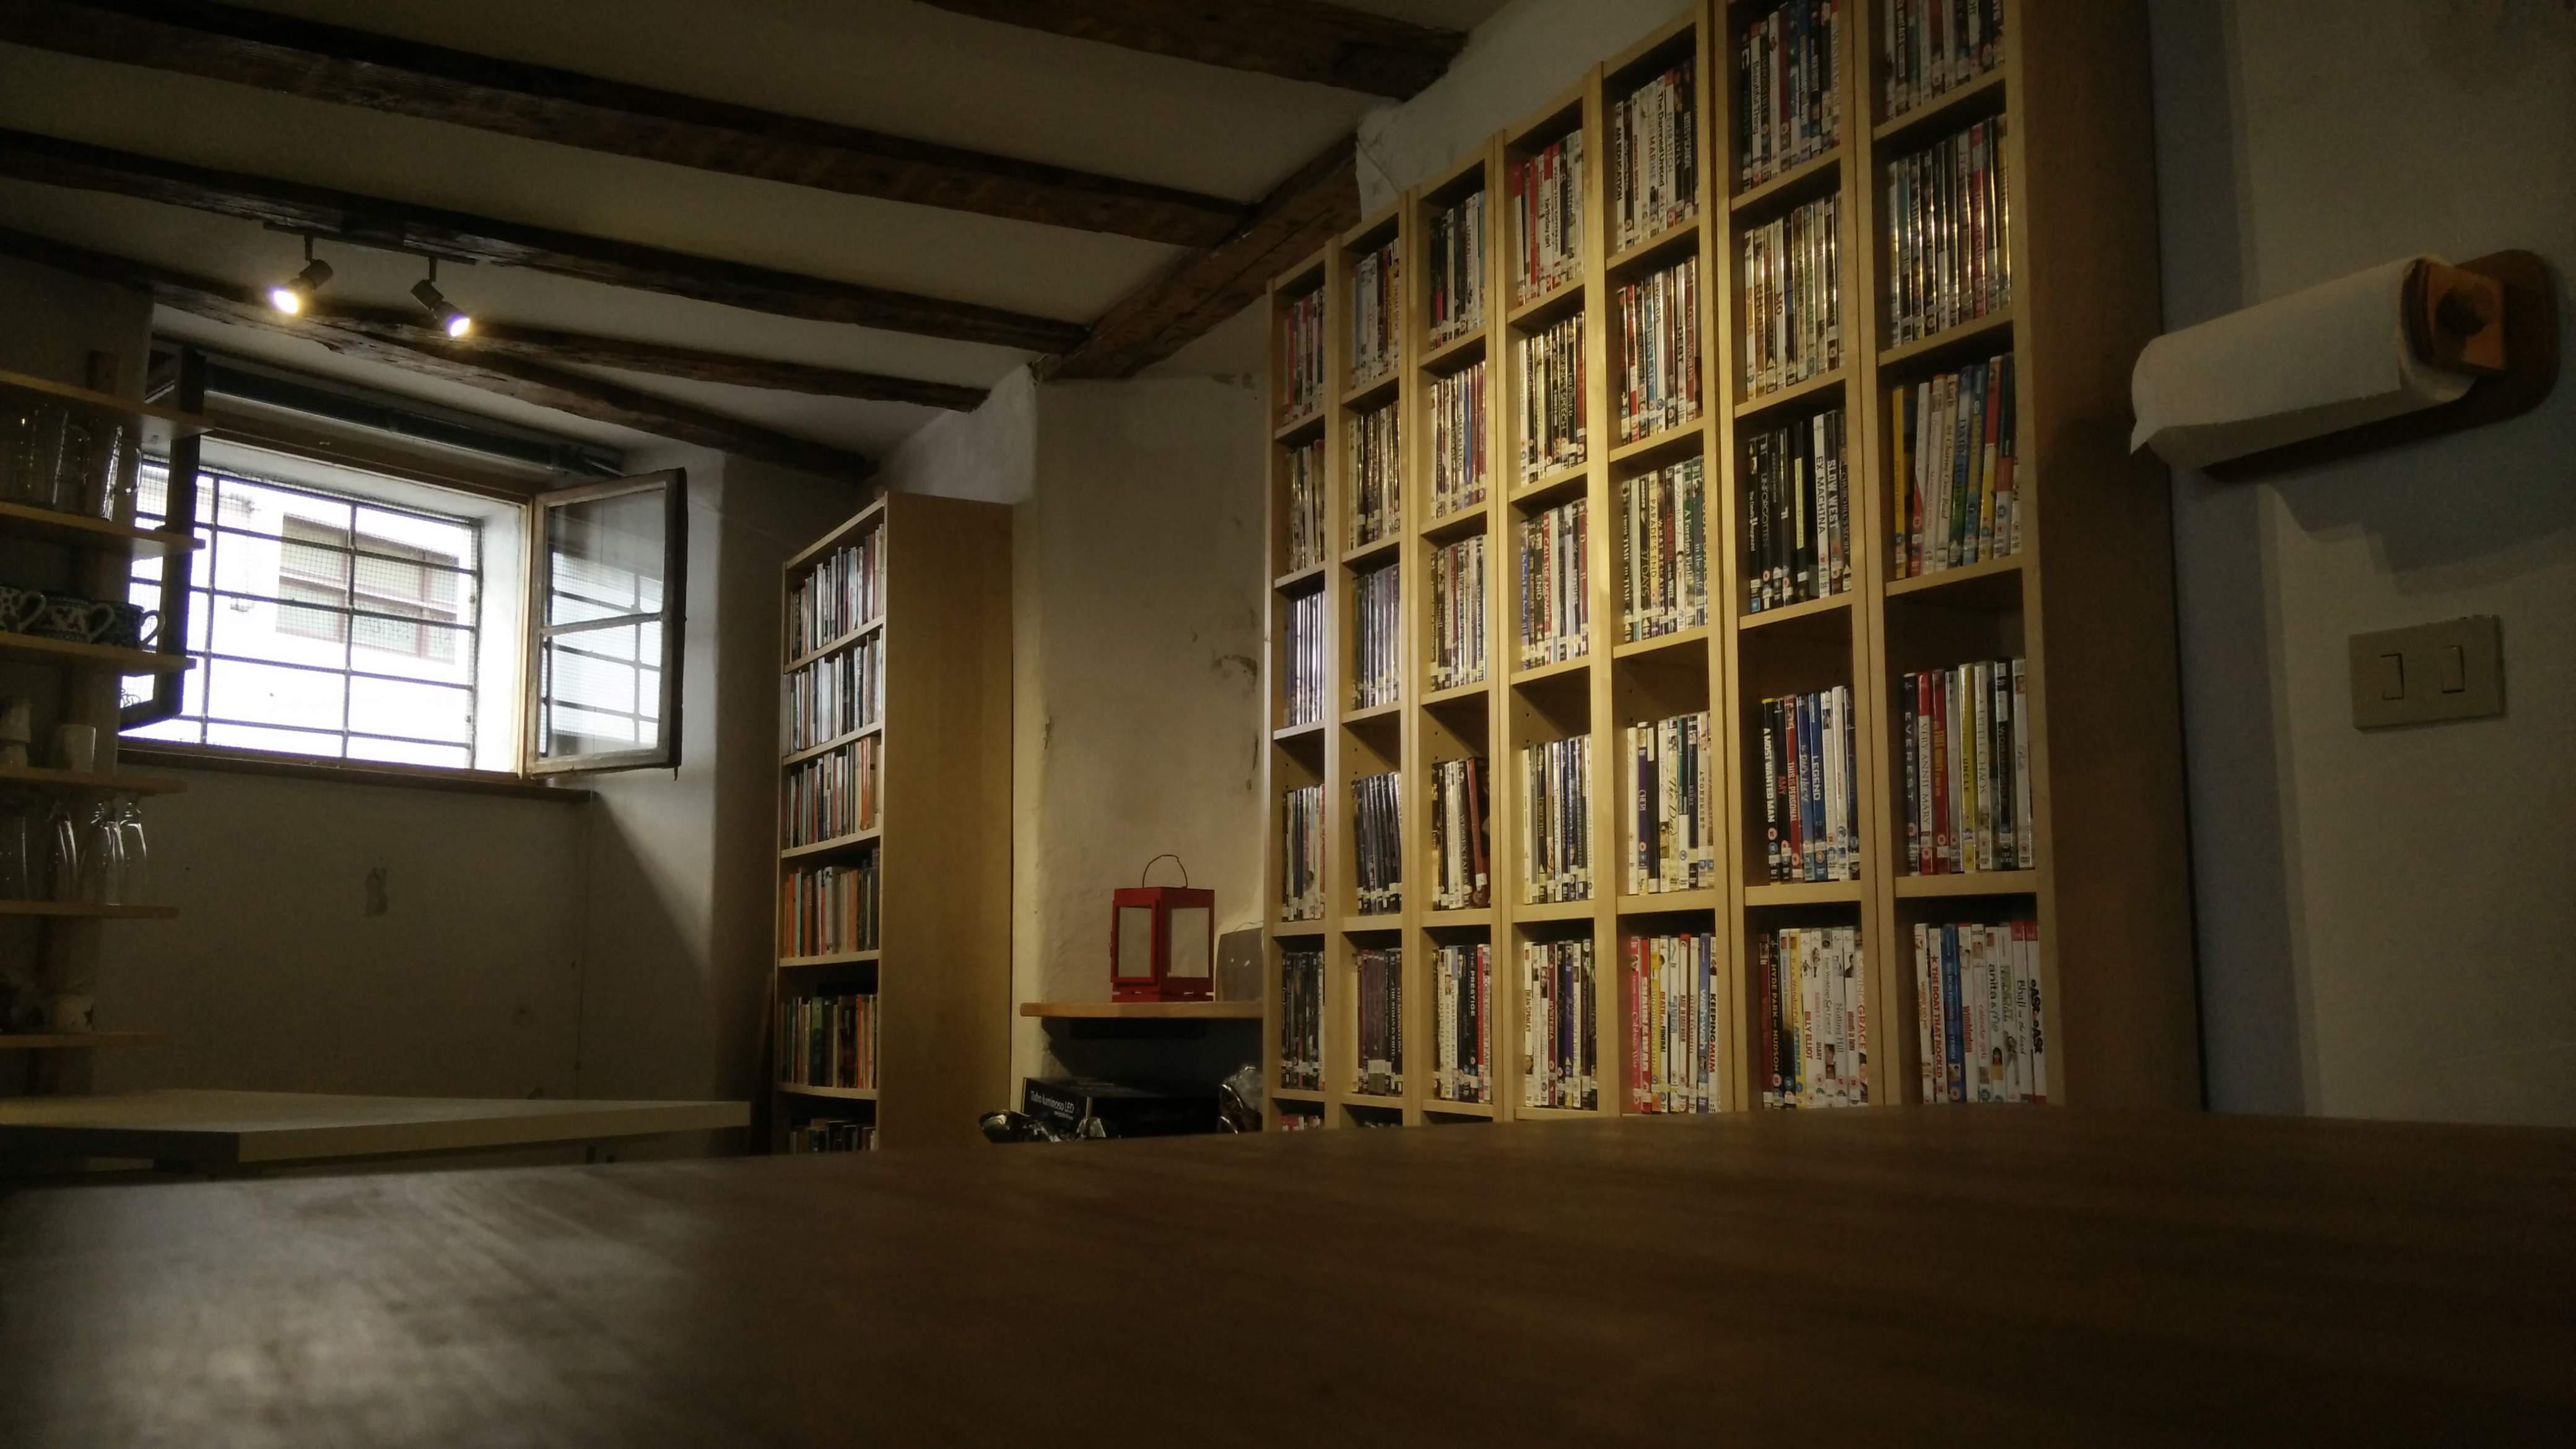 british film club particolare scaffali libri